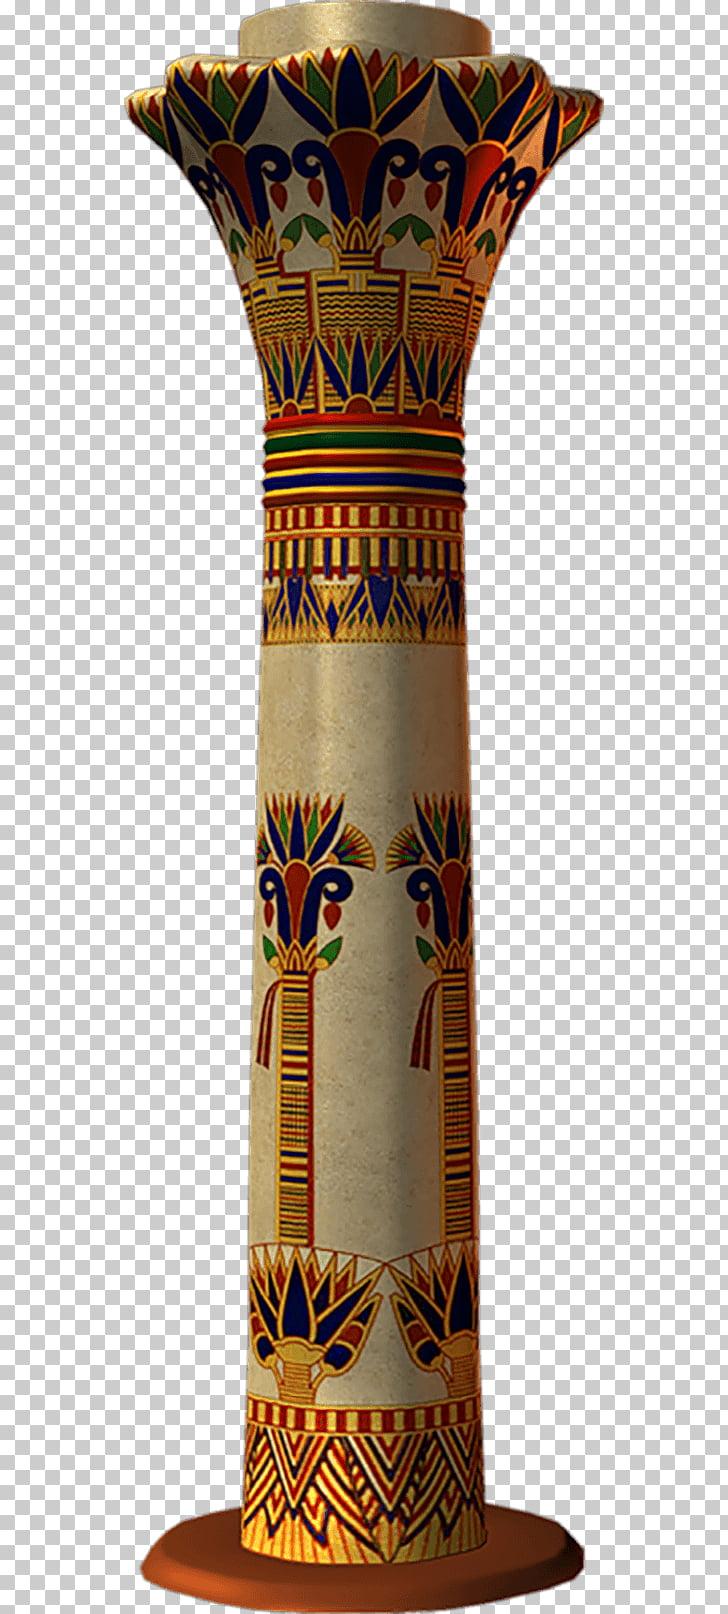 Ancient Egyptian architecture Column Civilization, egpt.